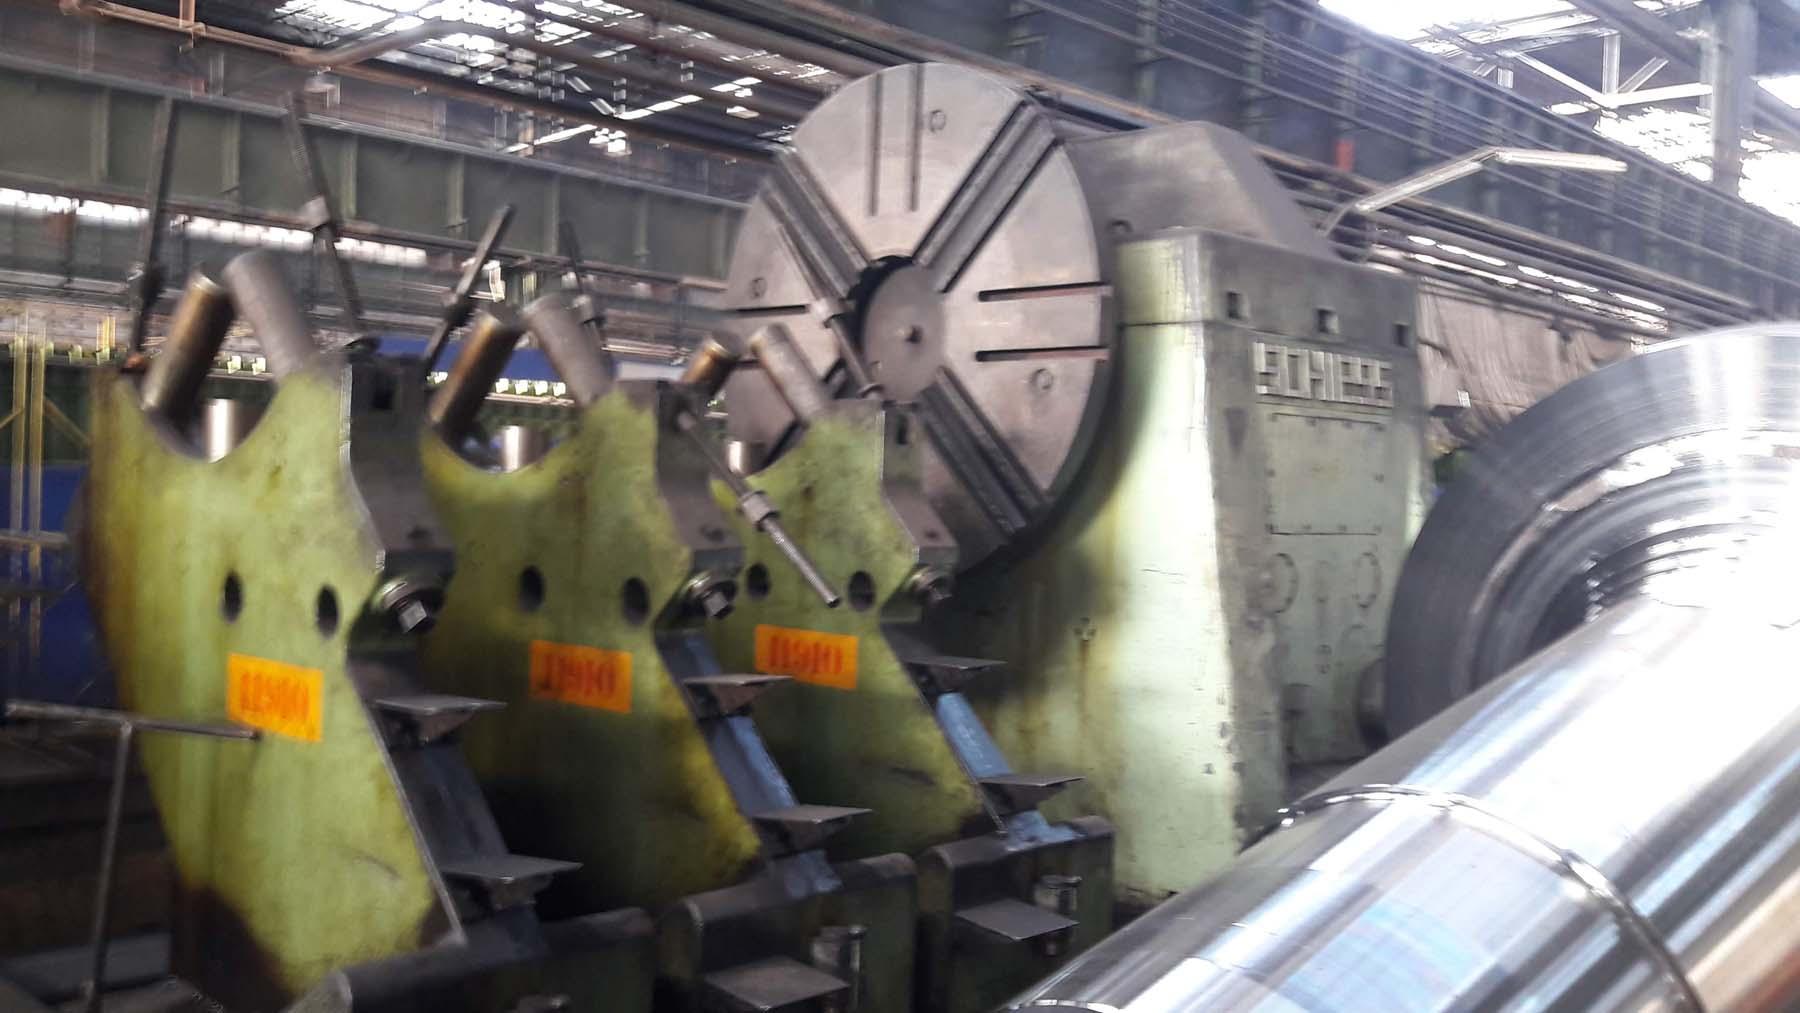 5166-crankschaft grinder SCHIESS dia 1000mm.08